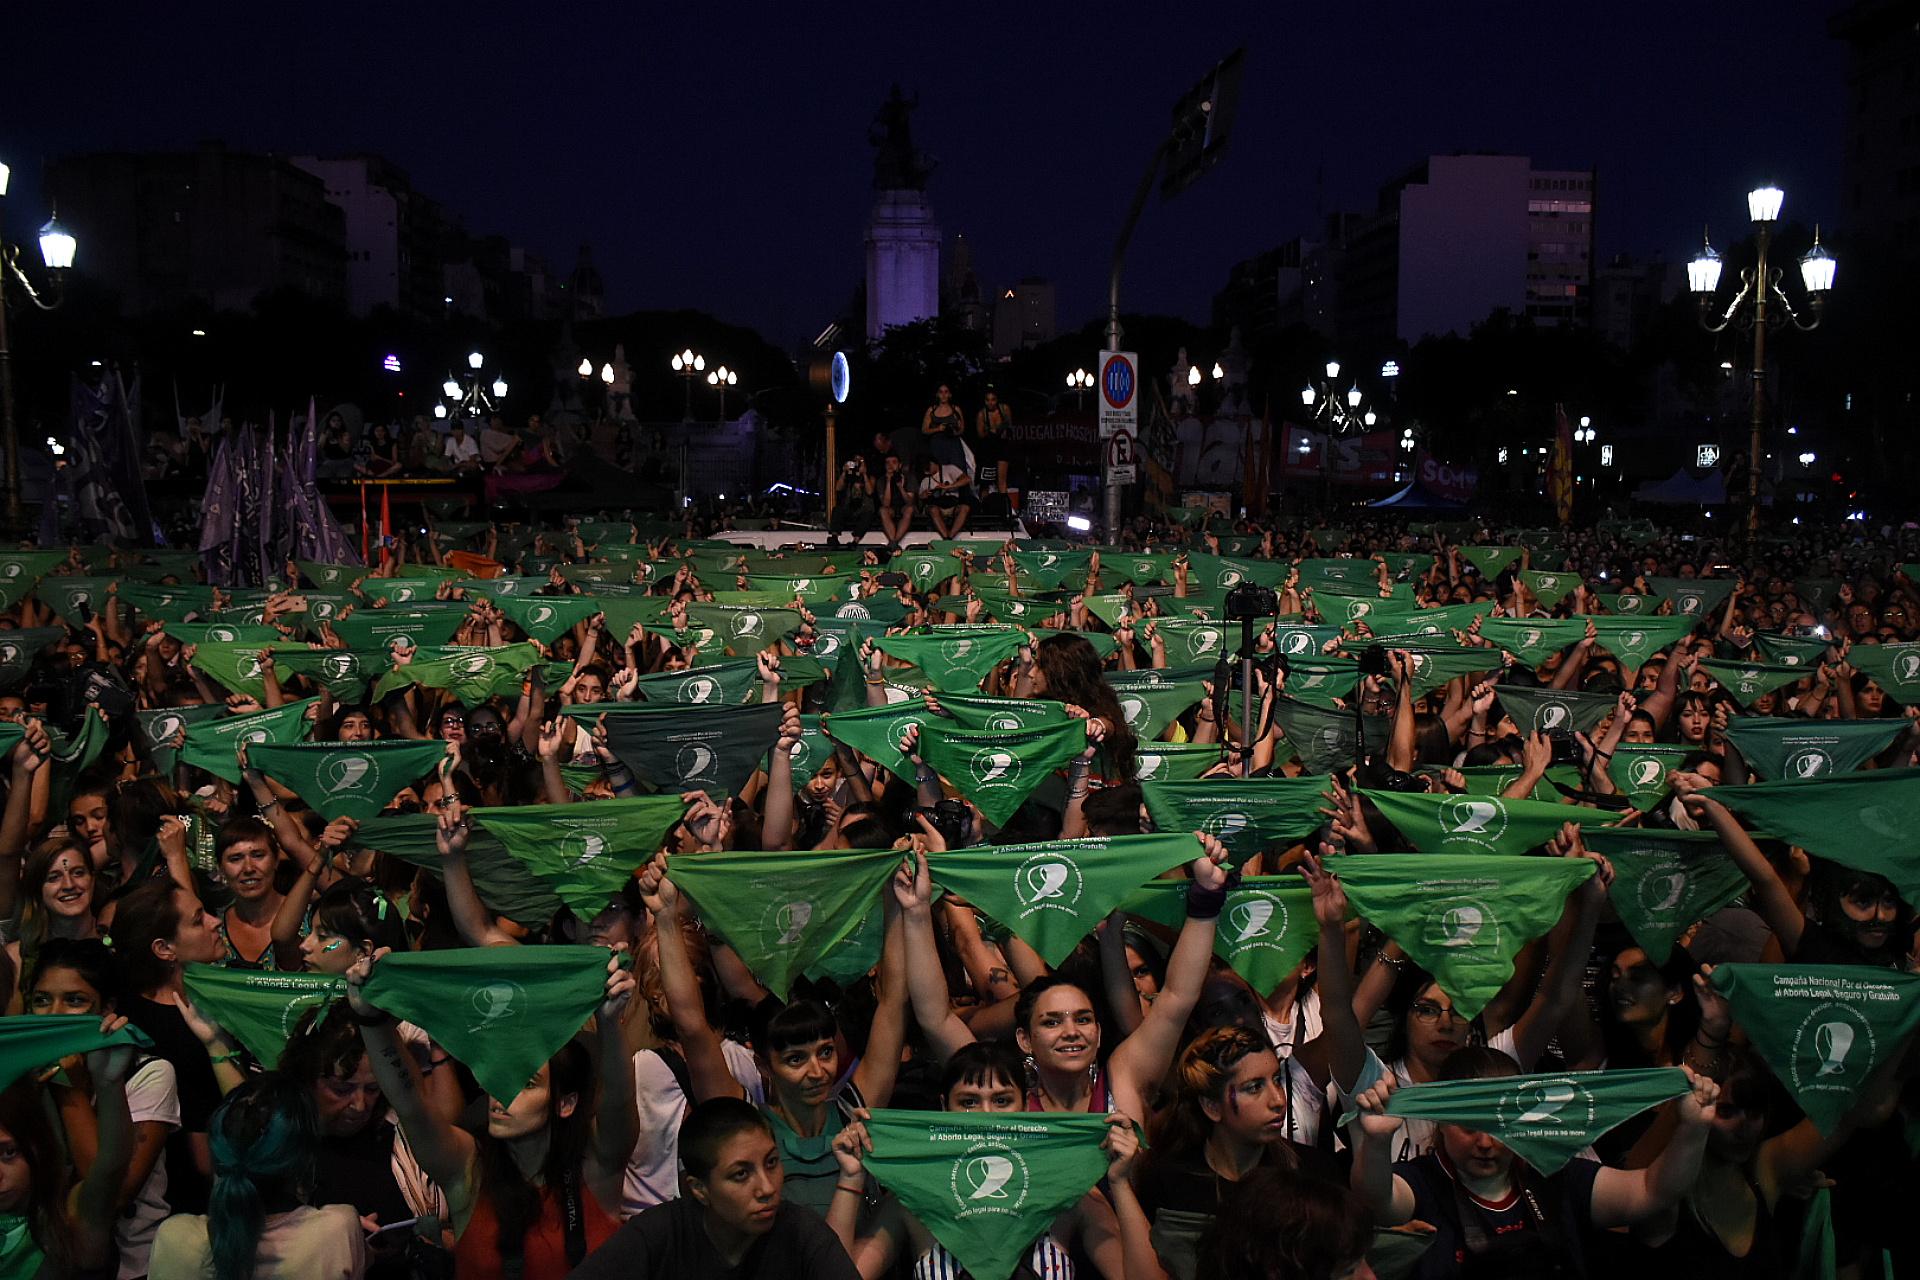 Los pañuelos verdes en alto en el centro de la marcha